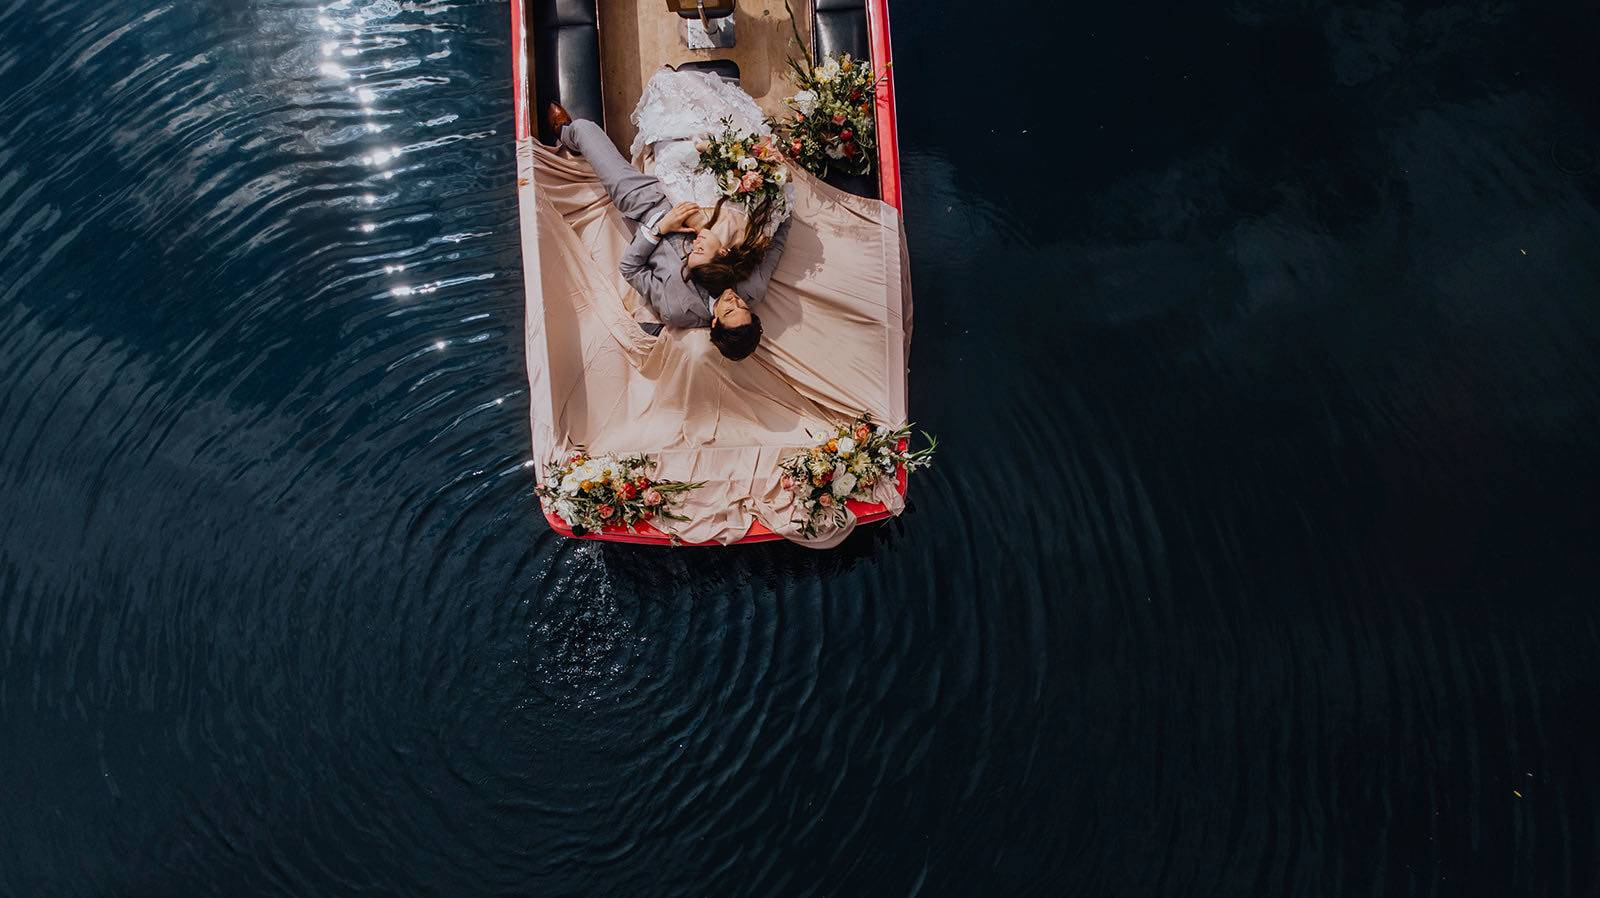 VIVA Blooming - lux visual 5  - House of Weddings